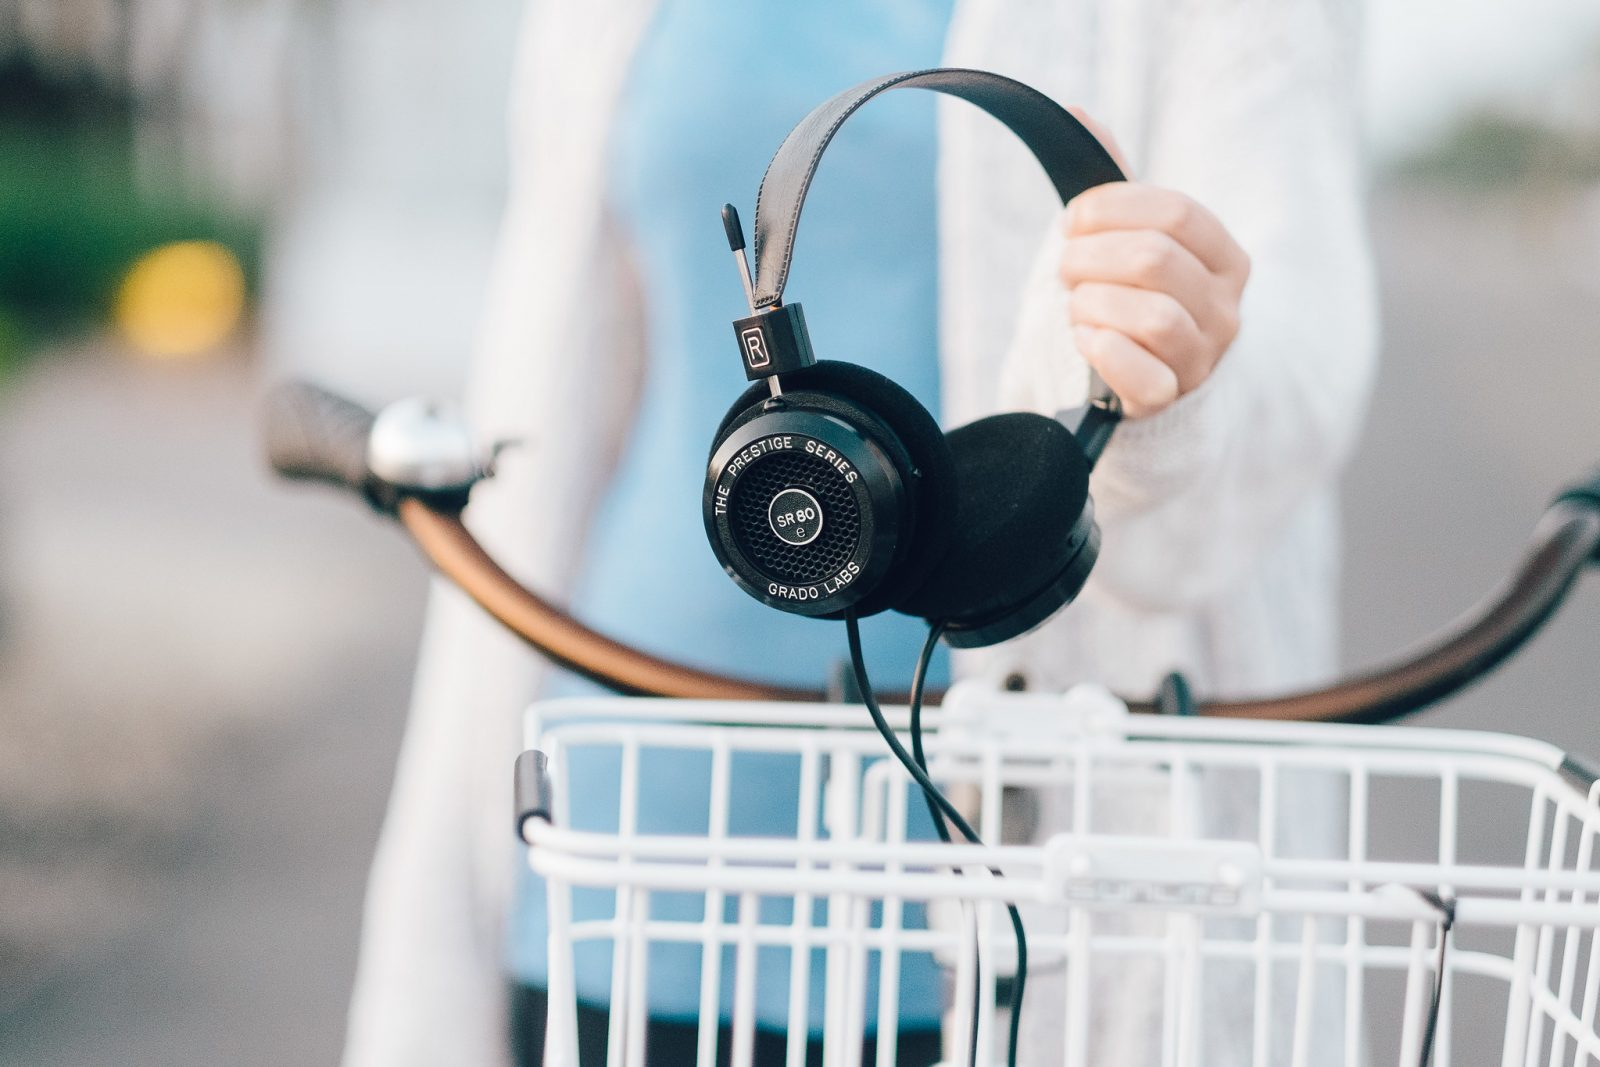 Takie słuchawki na rowerze to średni pomysł